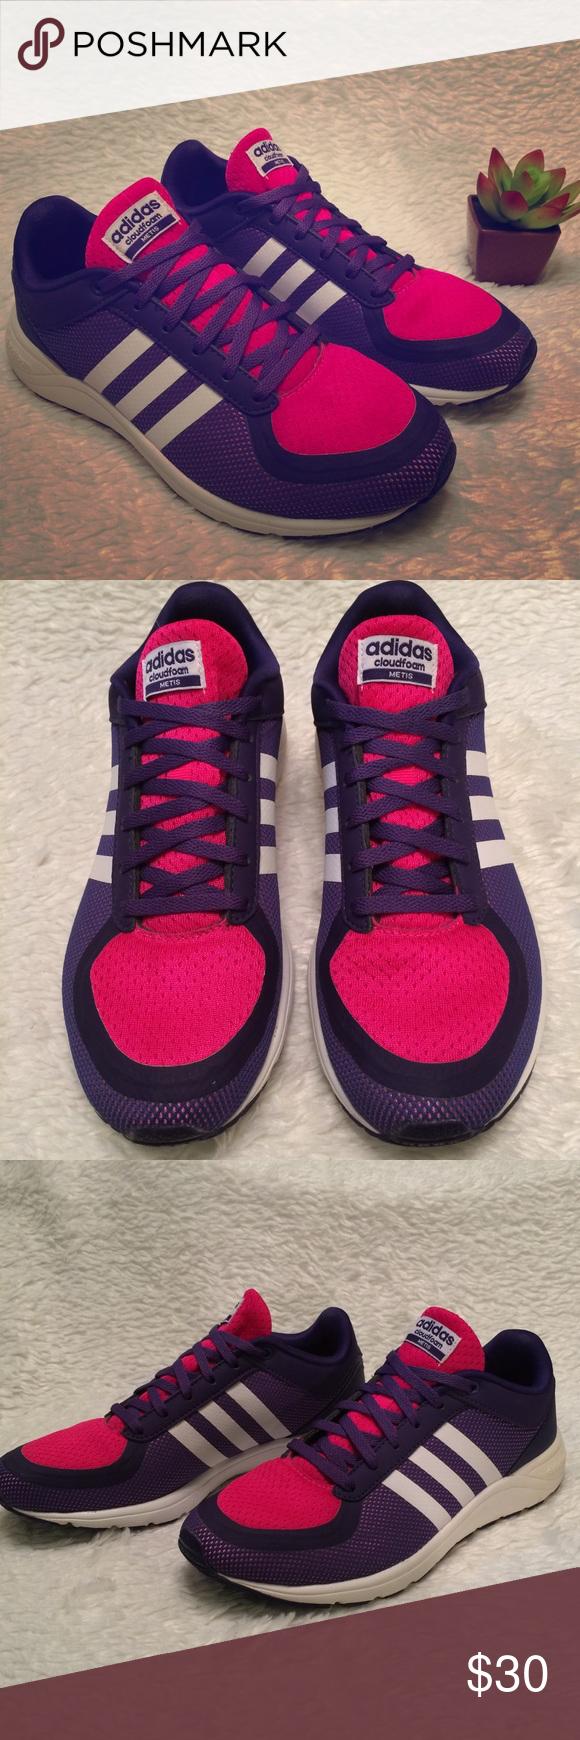 Adidas neo cloudfoam Metis SZ 7 púrpura / Pink Pinterest adidas